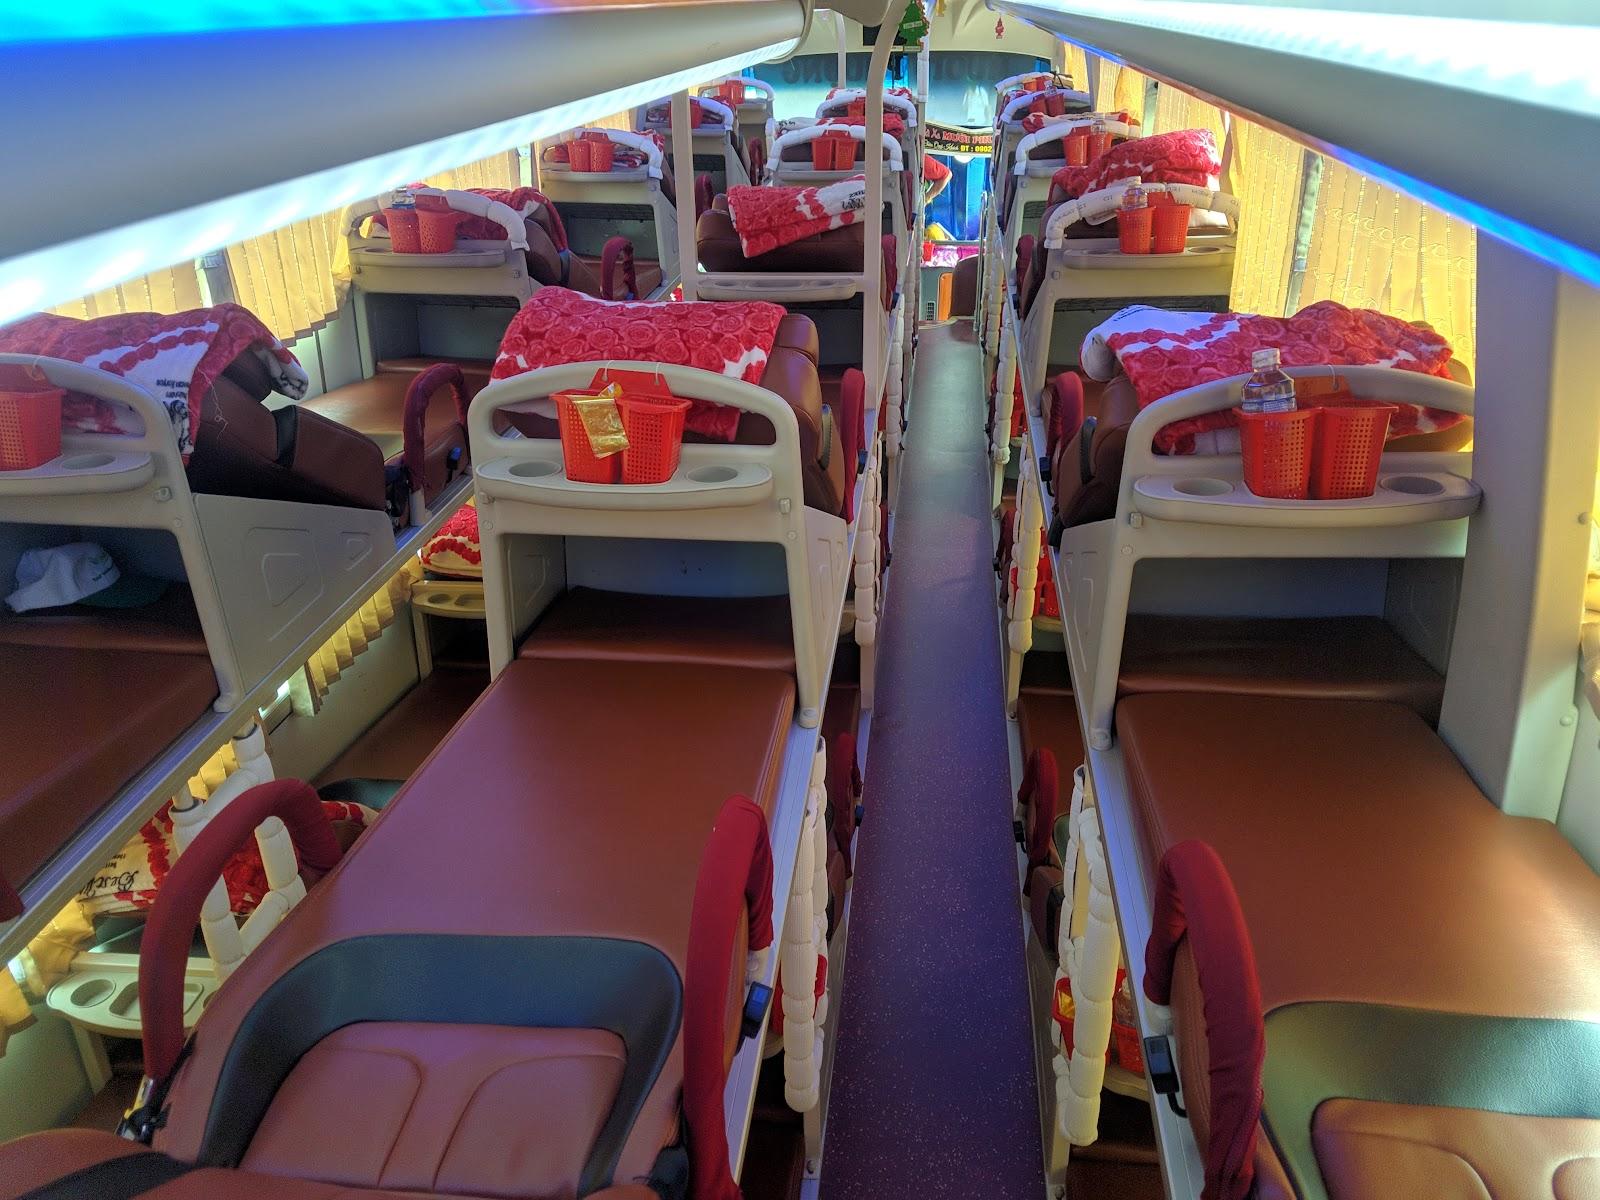 Nội thất xe Mười Phượng đi Bình Định từ Sài Gòn